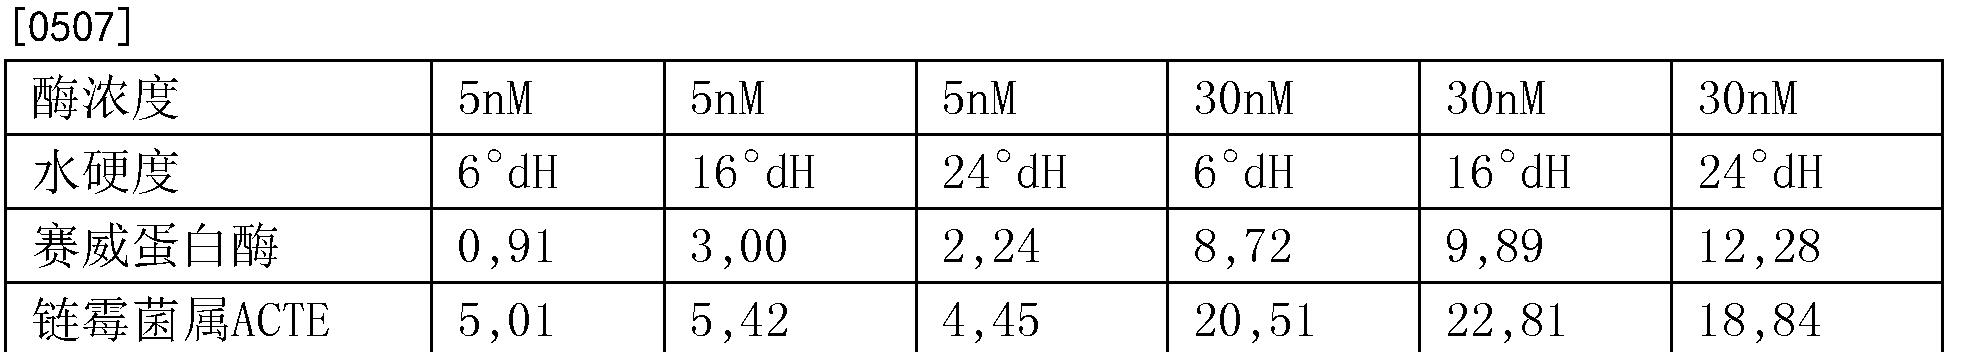 Figure CN104271726BD00583